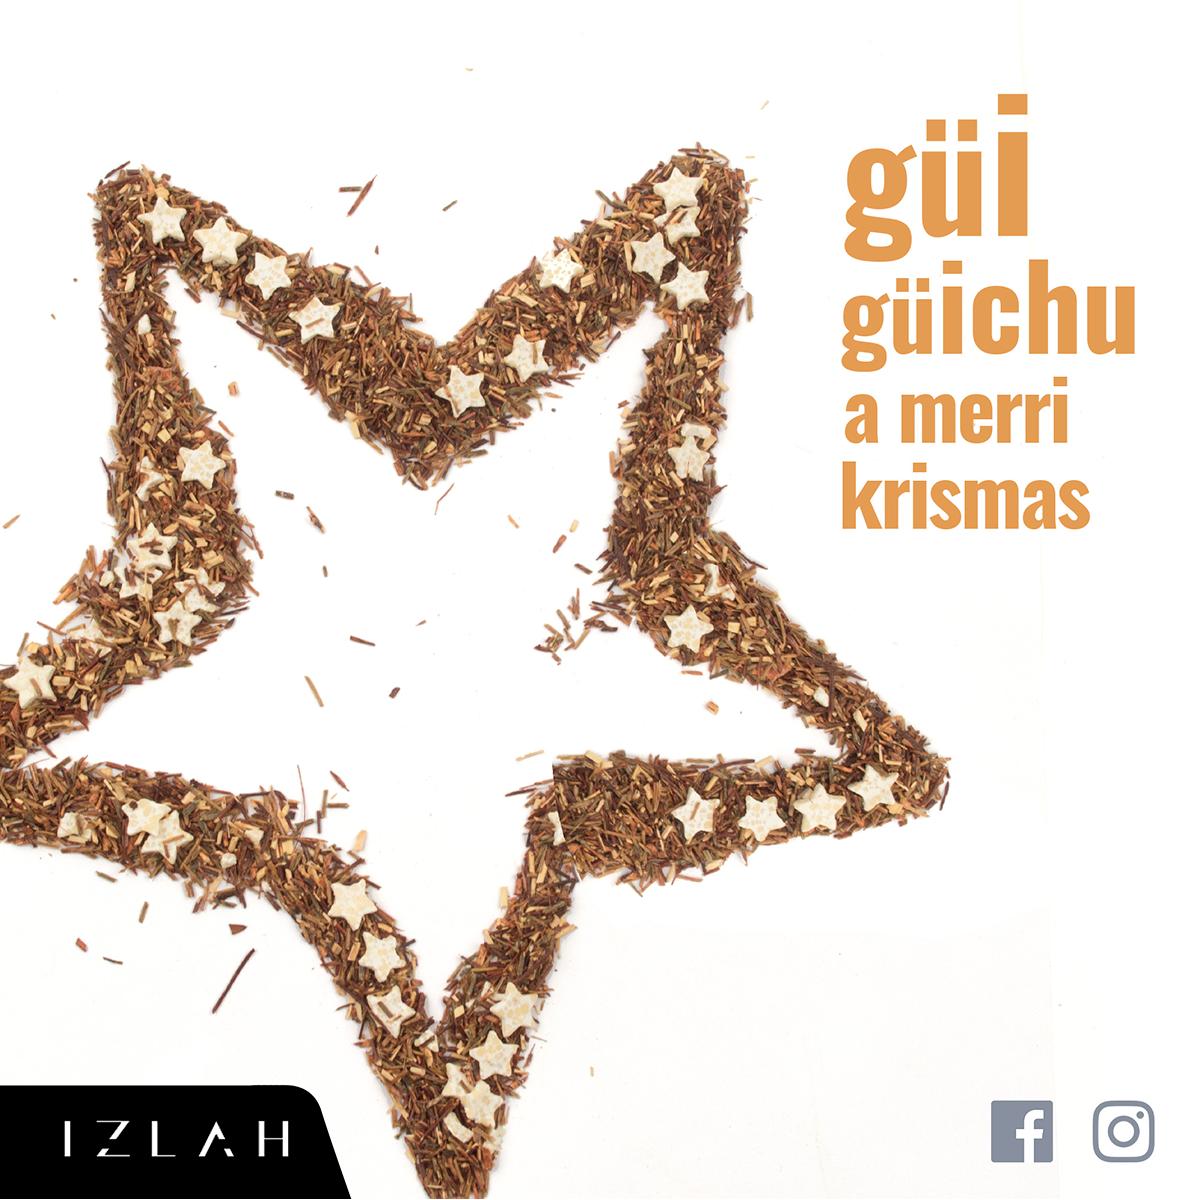 ¿Tienes antojo de un #Redvelvet sin calorías? Entonces tienes que ir a #Izlah y pedir un #FrappTea de Star Leblanc con Aruba Beach el sabor perfecto para un postre navideño #cerocalorias te recomendamos pedirlo sin base y con un 2 sobres de splenda